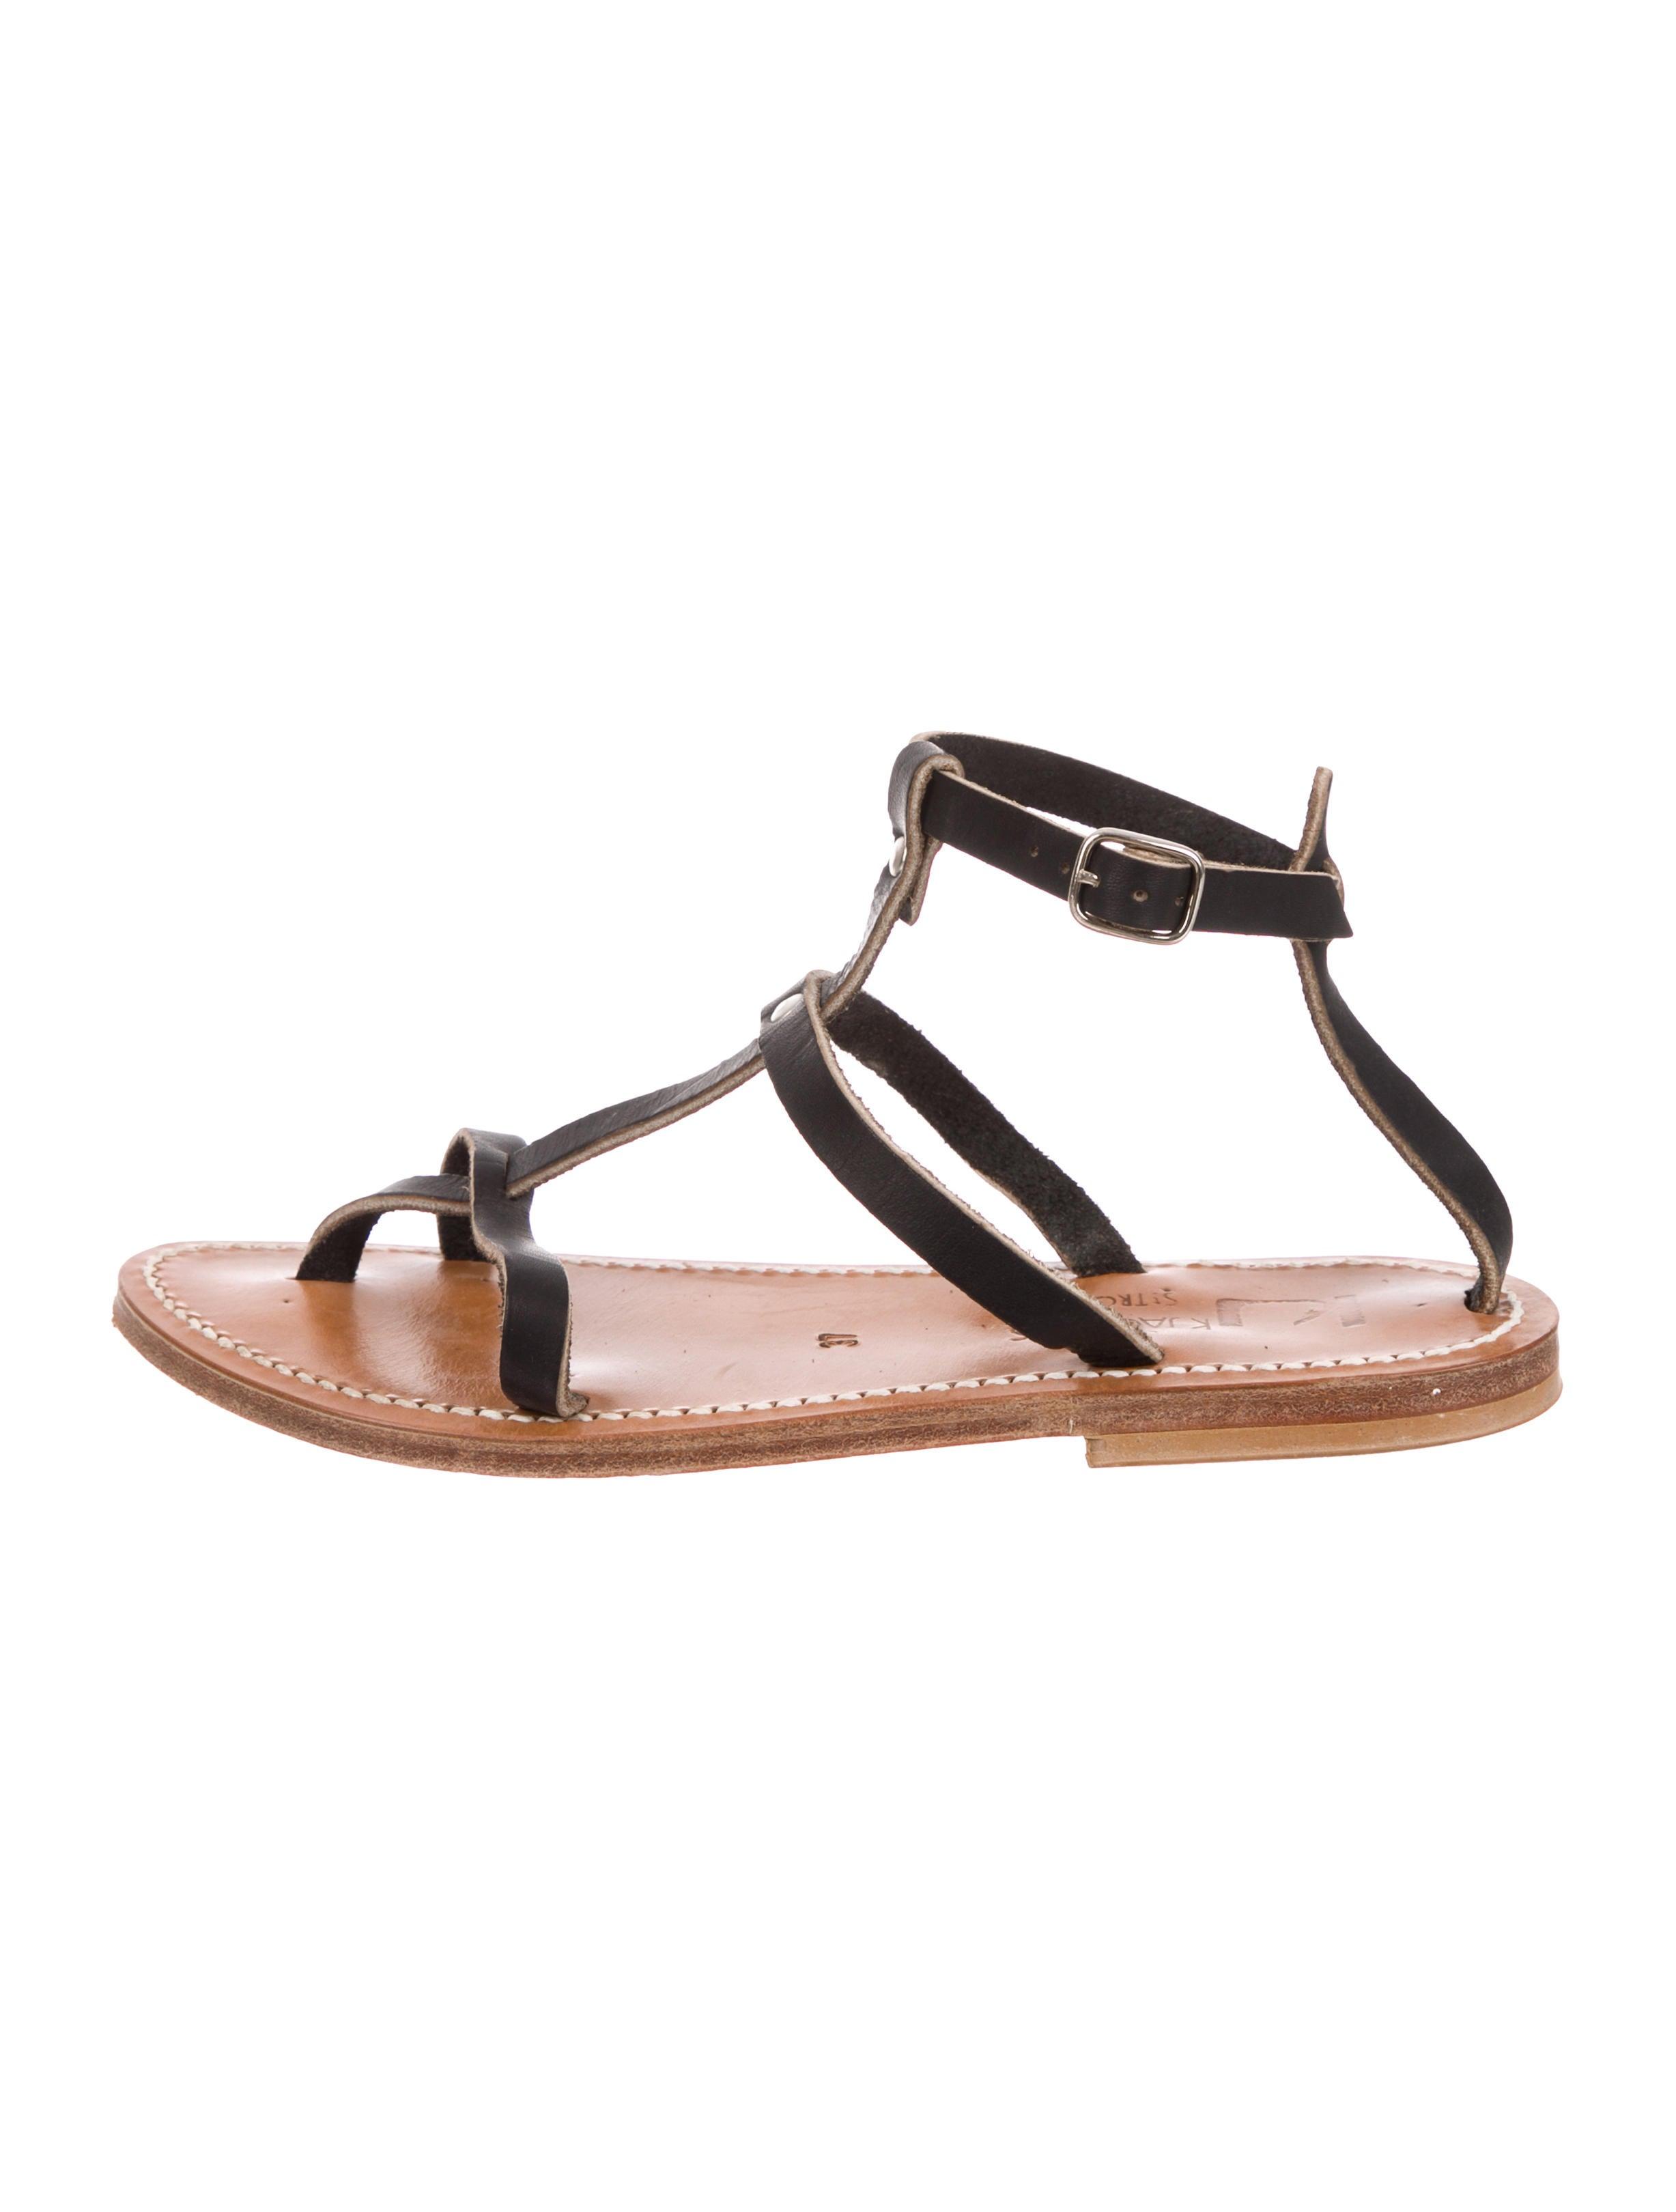 79d0c1a9db17 K Jacques St. Tropez Leather T-Strap Sandals - Shoes - WK021517 ...